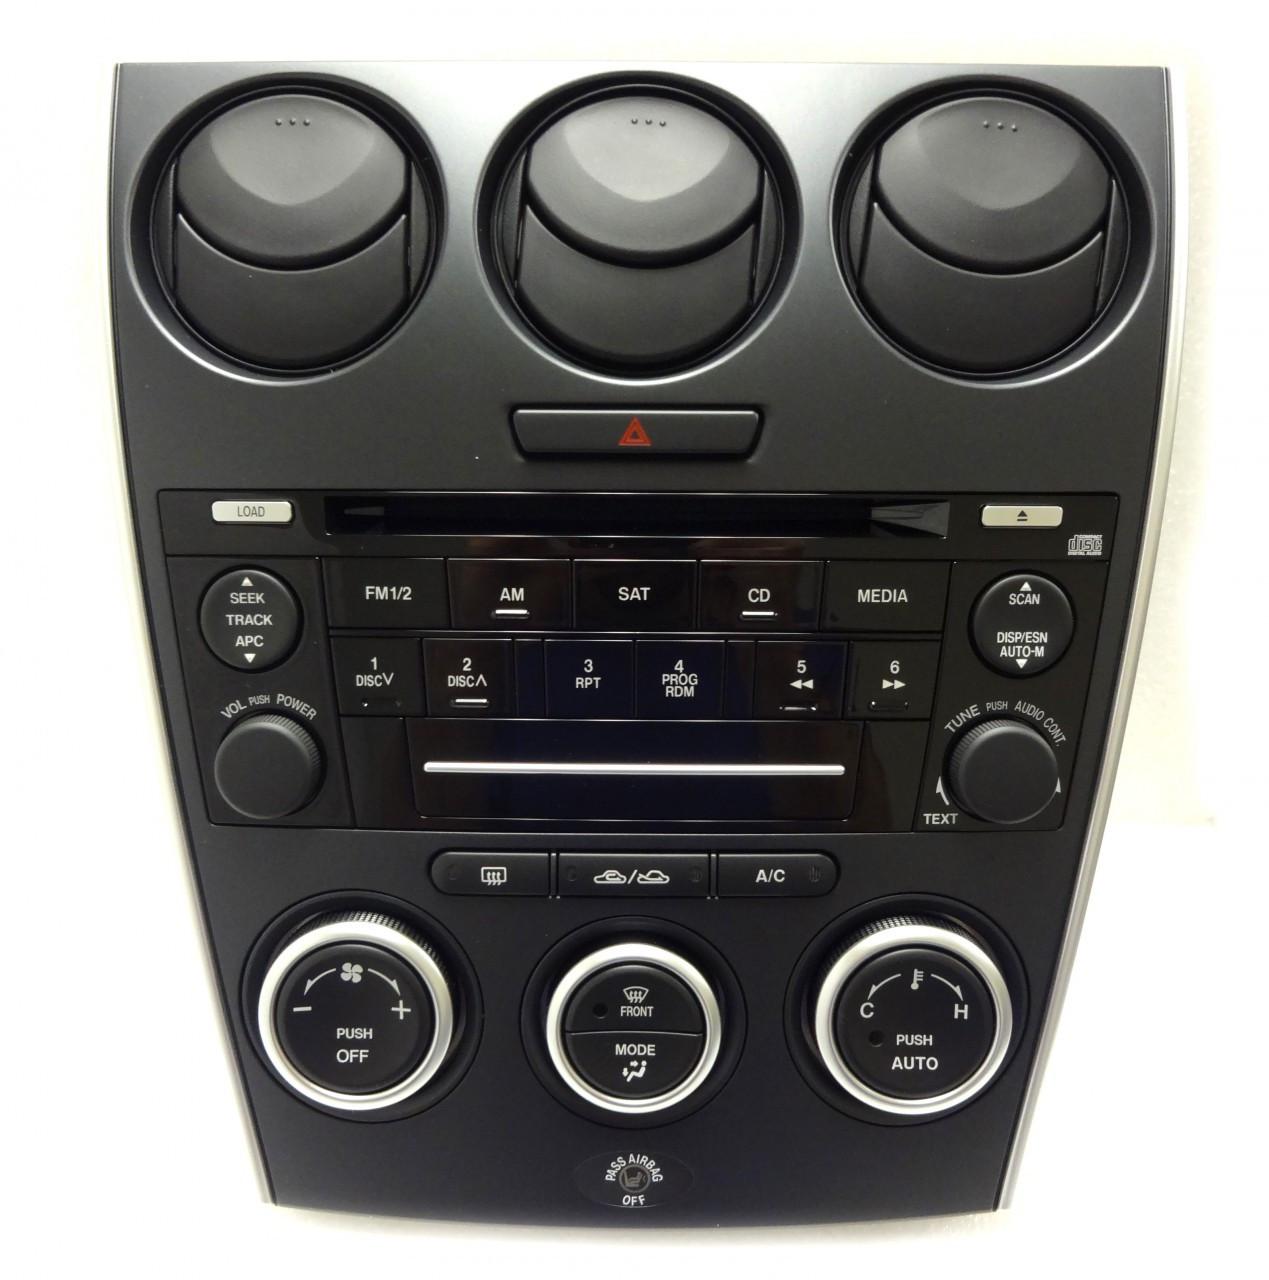 MAZDA 6 Radio Stereo CD Player Auto Climate Temp Controls